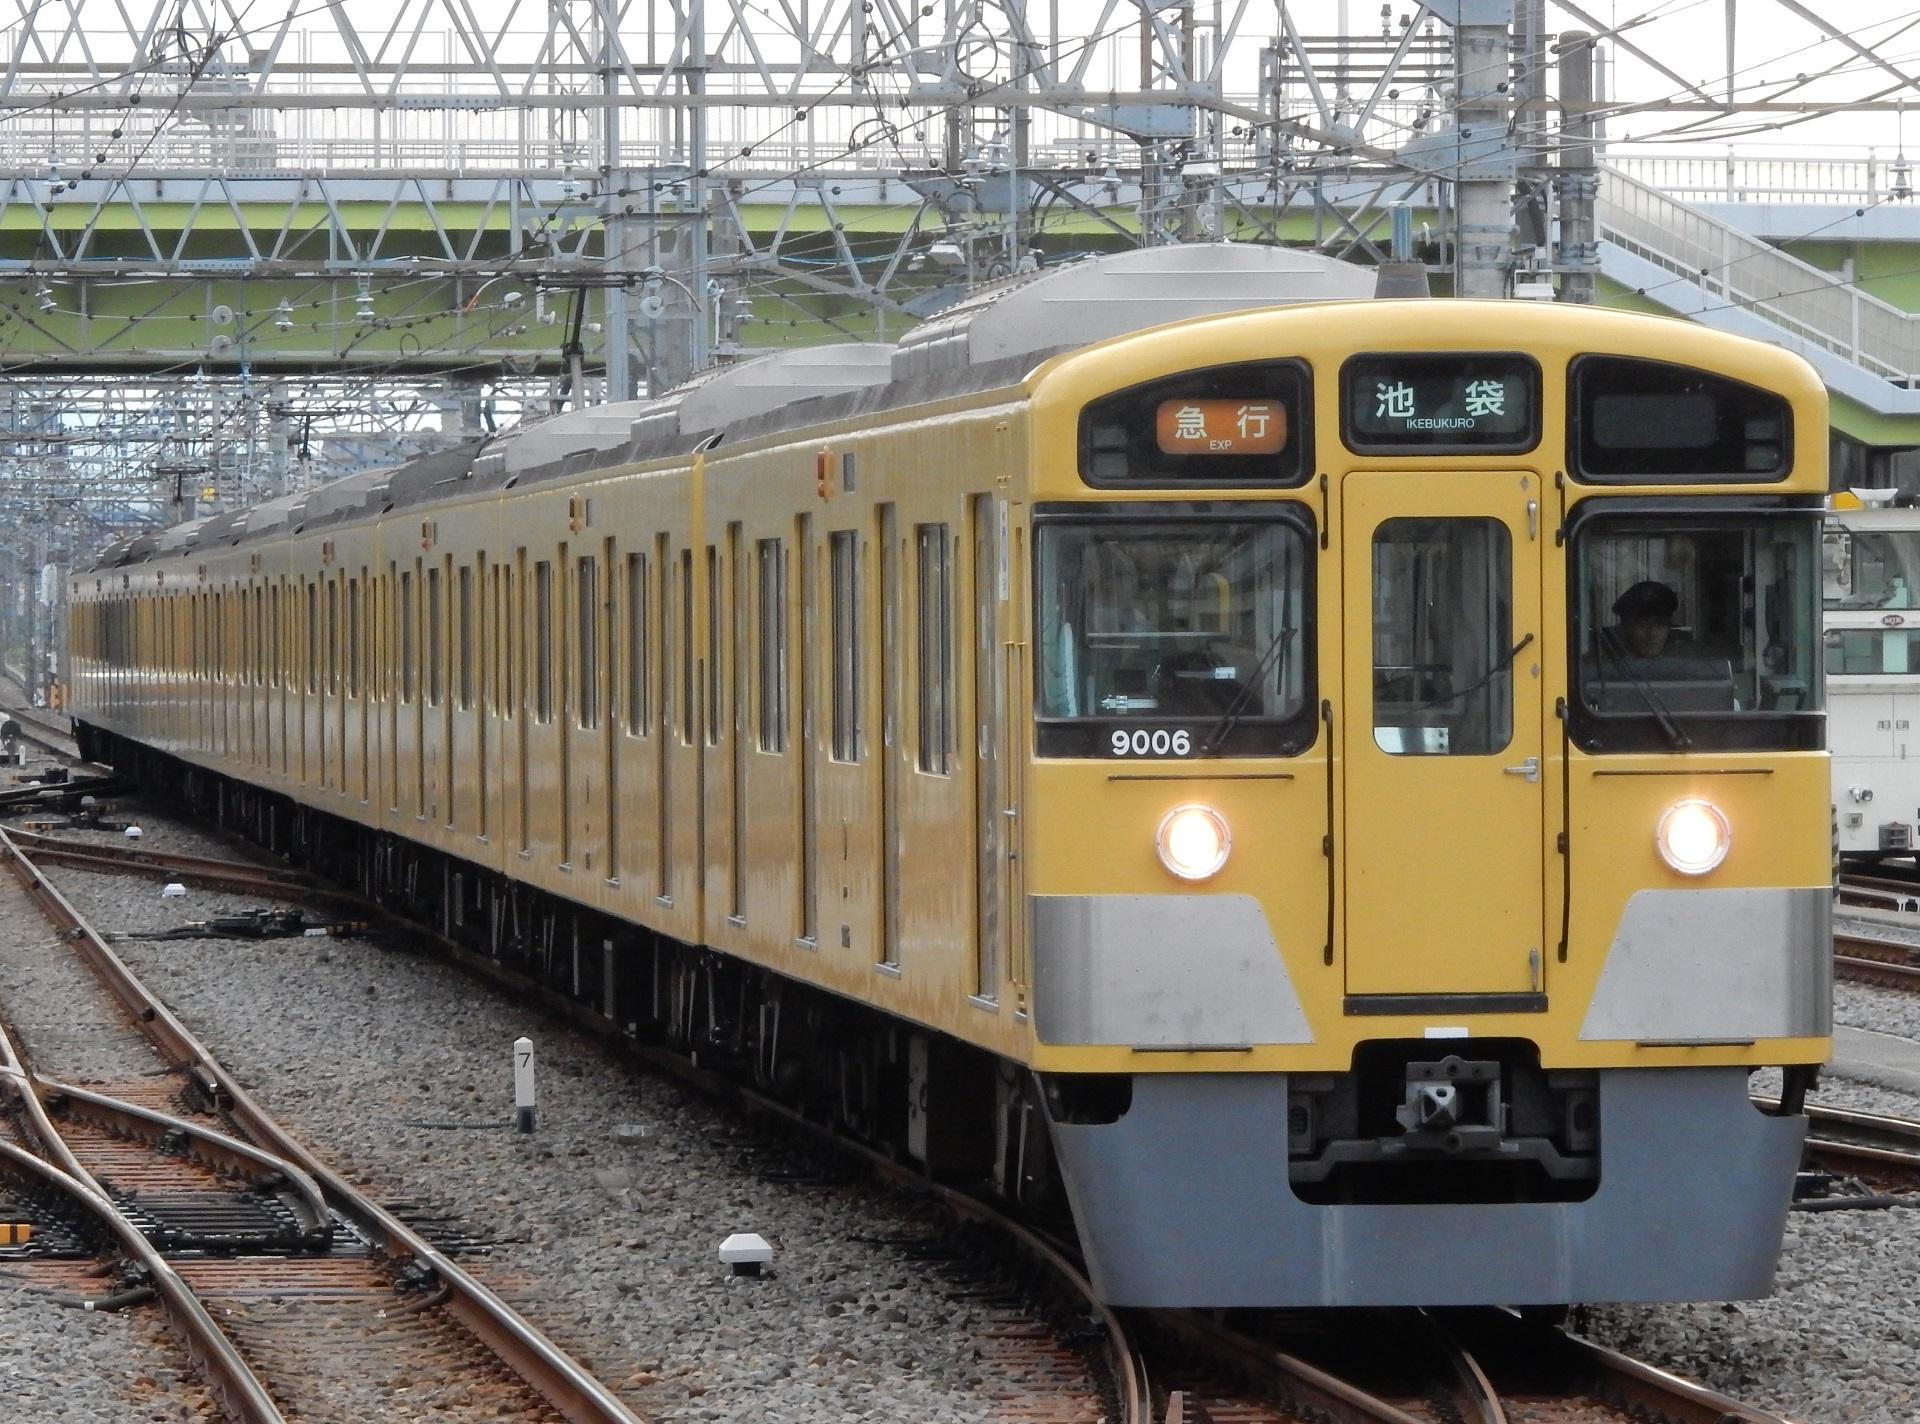 DSCN3300 - コピー